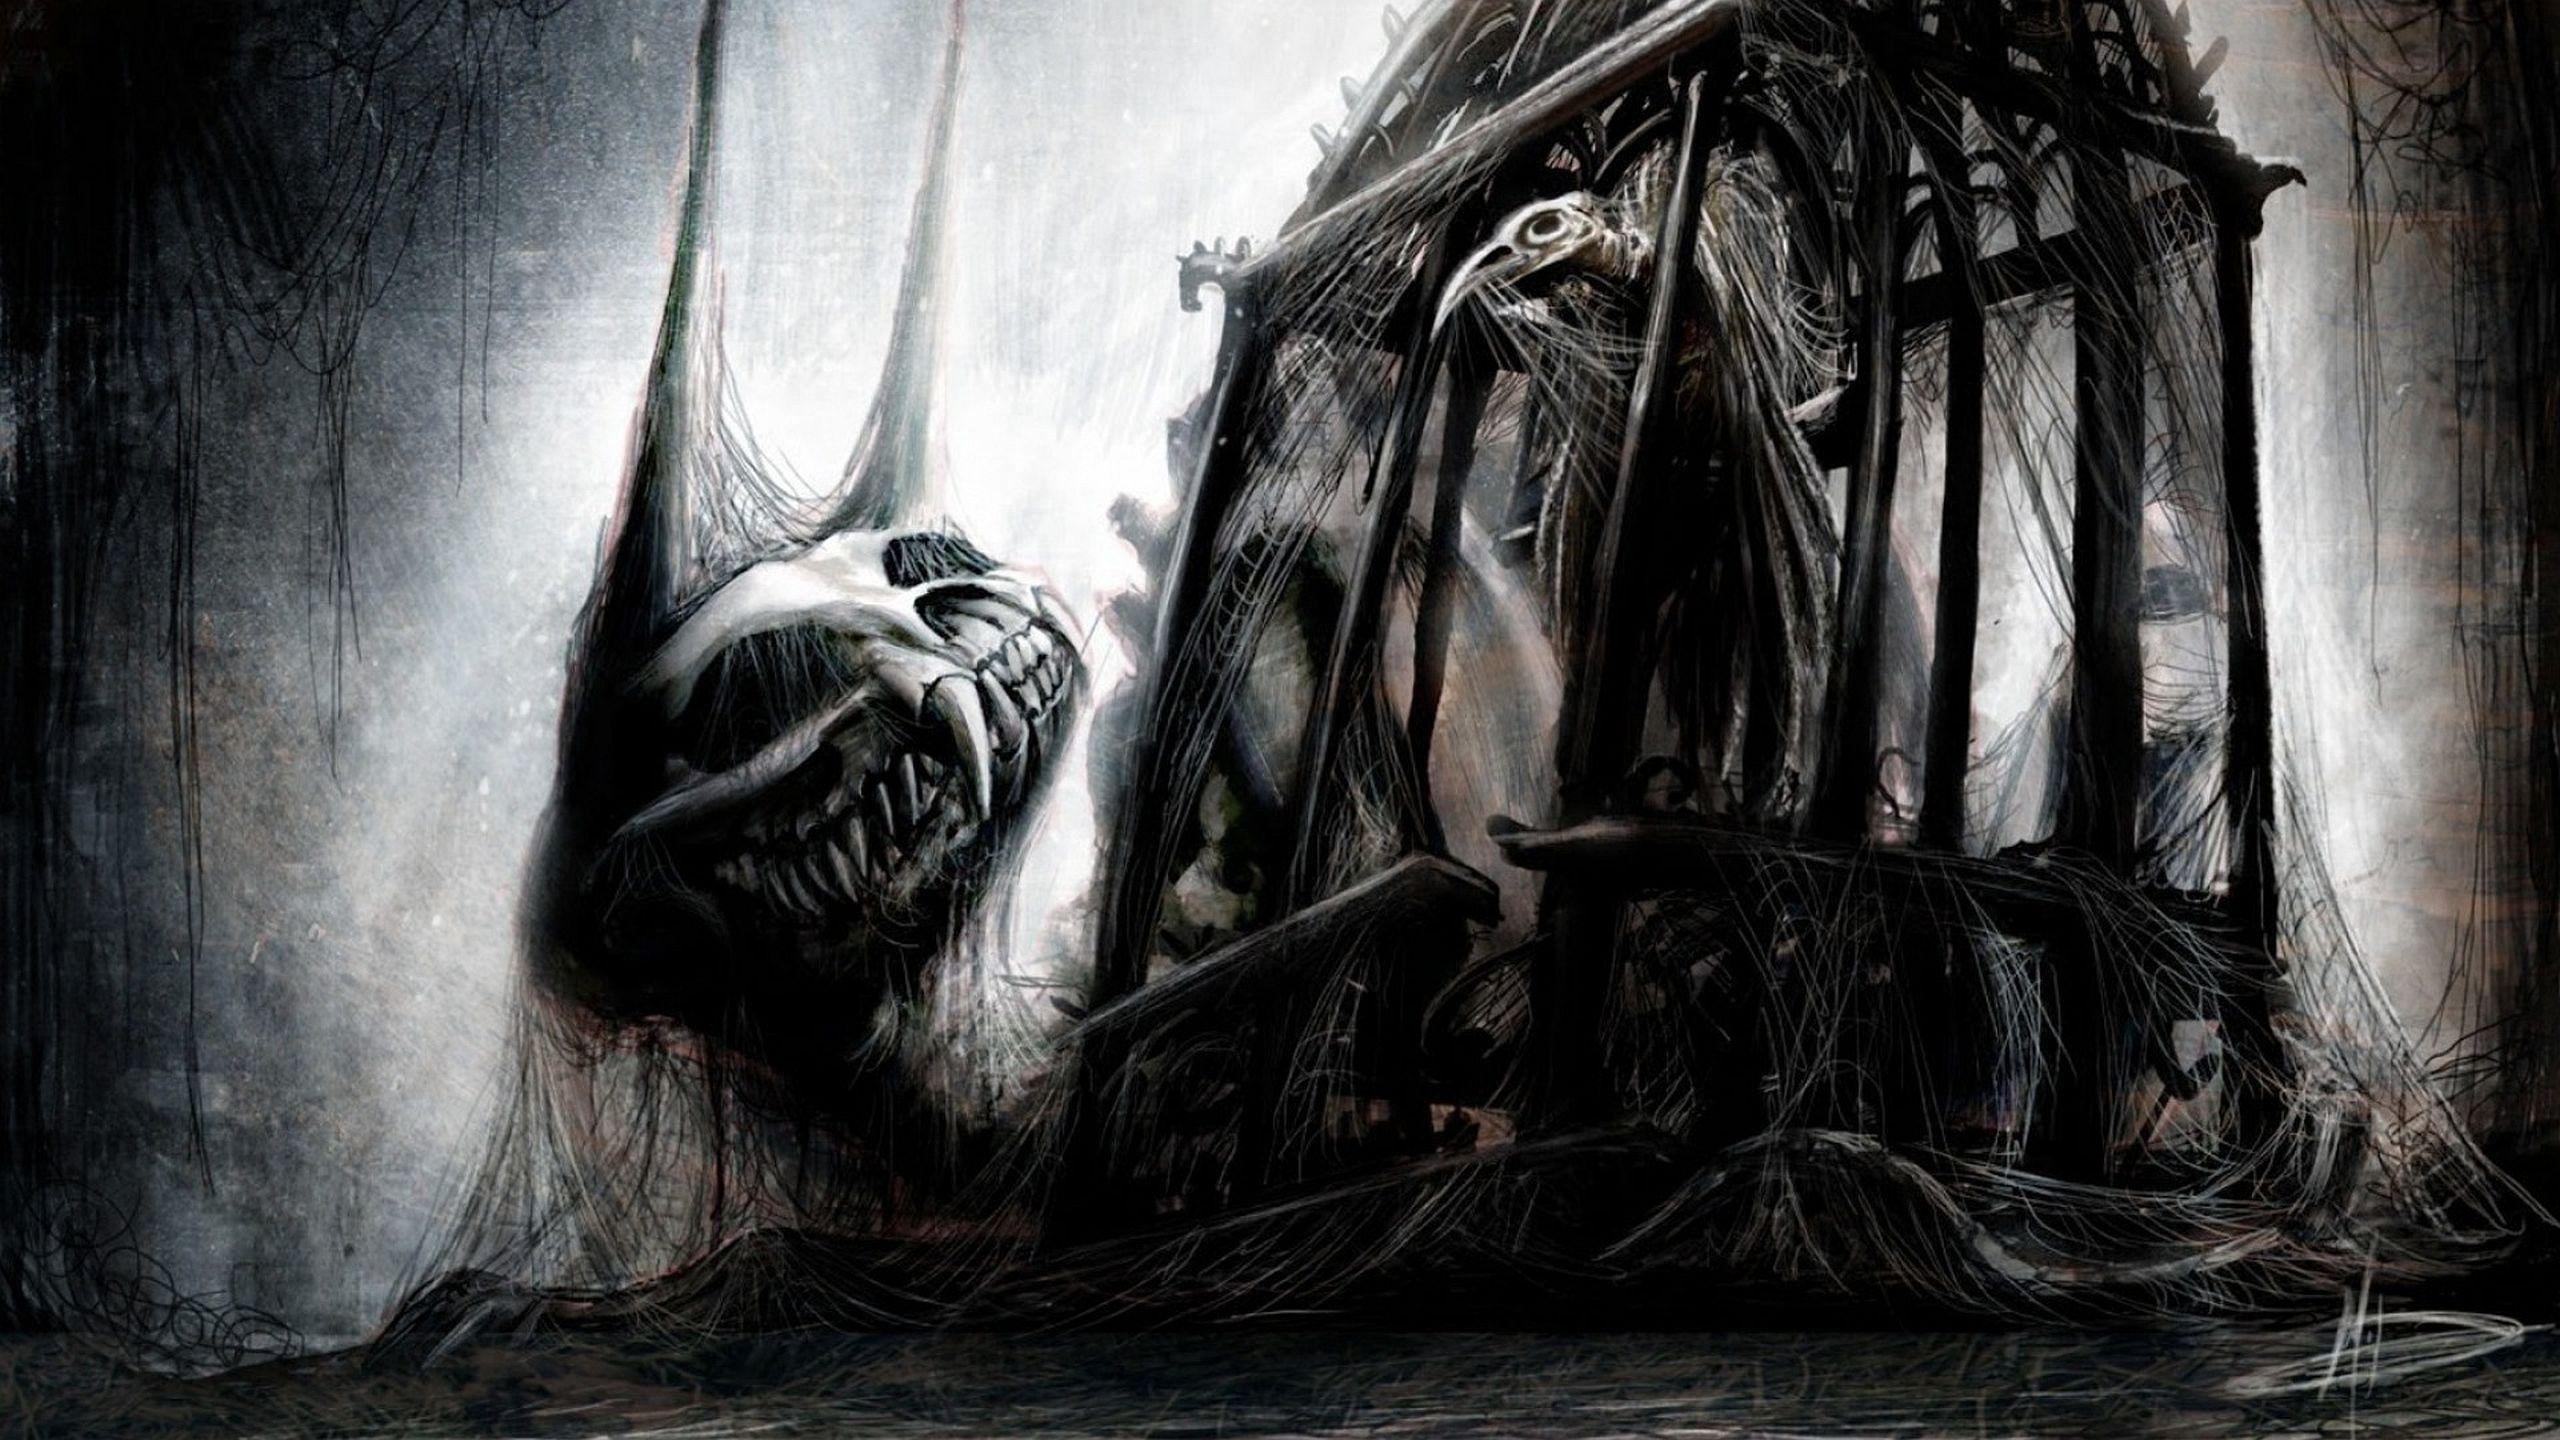 Creepy Wallpaper Dark Creepy Wallpaper Monster Concept Art Monster Art Gothic Art Dark gothic creepy wallpaper